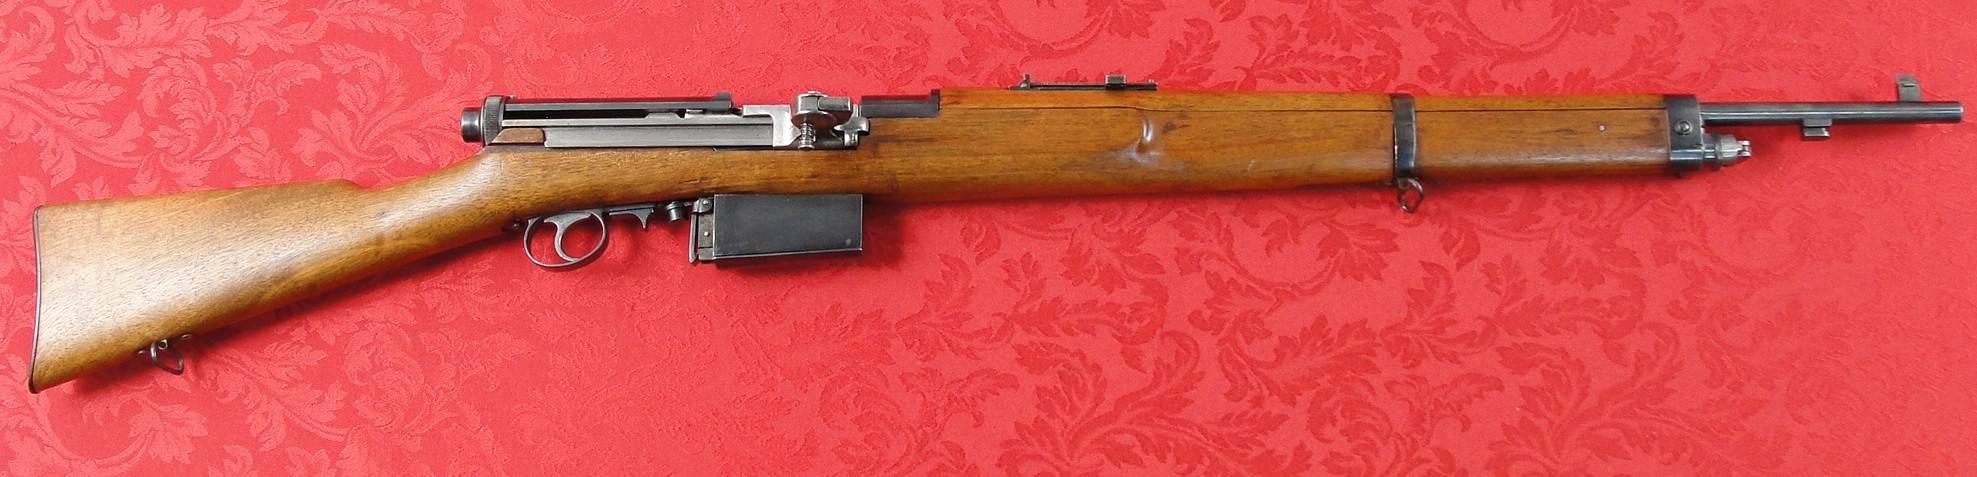 Винтовка мондрагона — википедия. что такое винтовка мондрагона